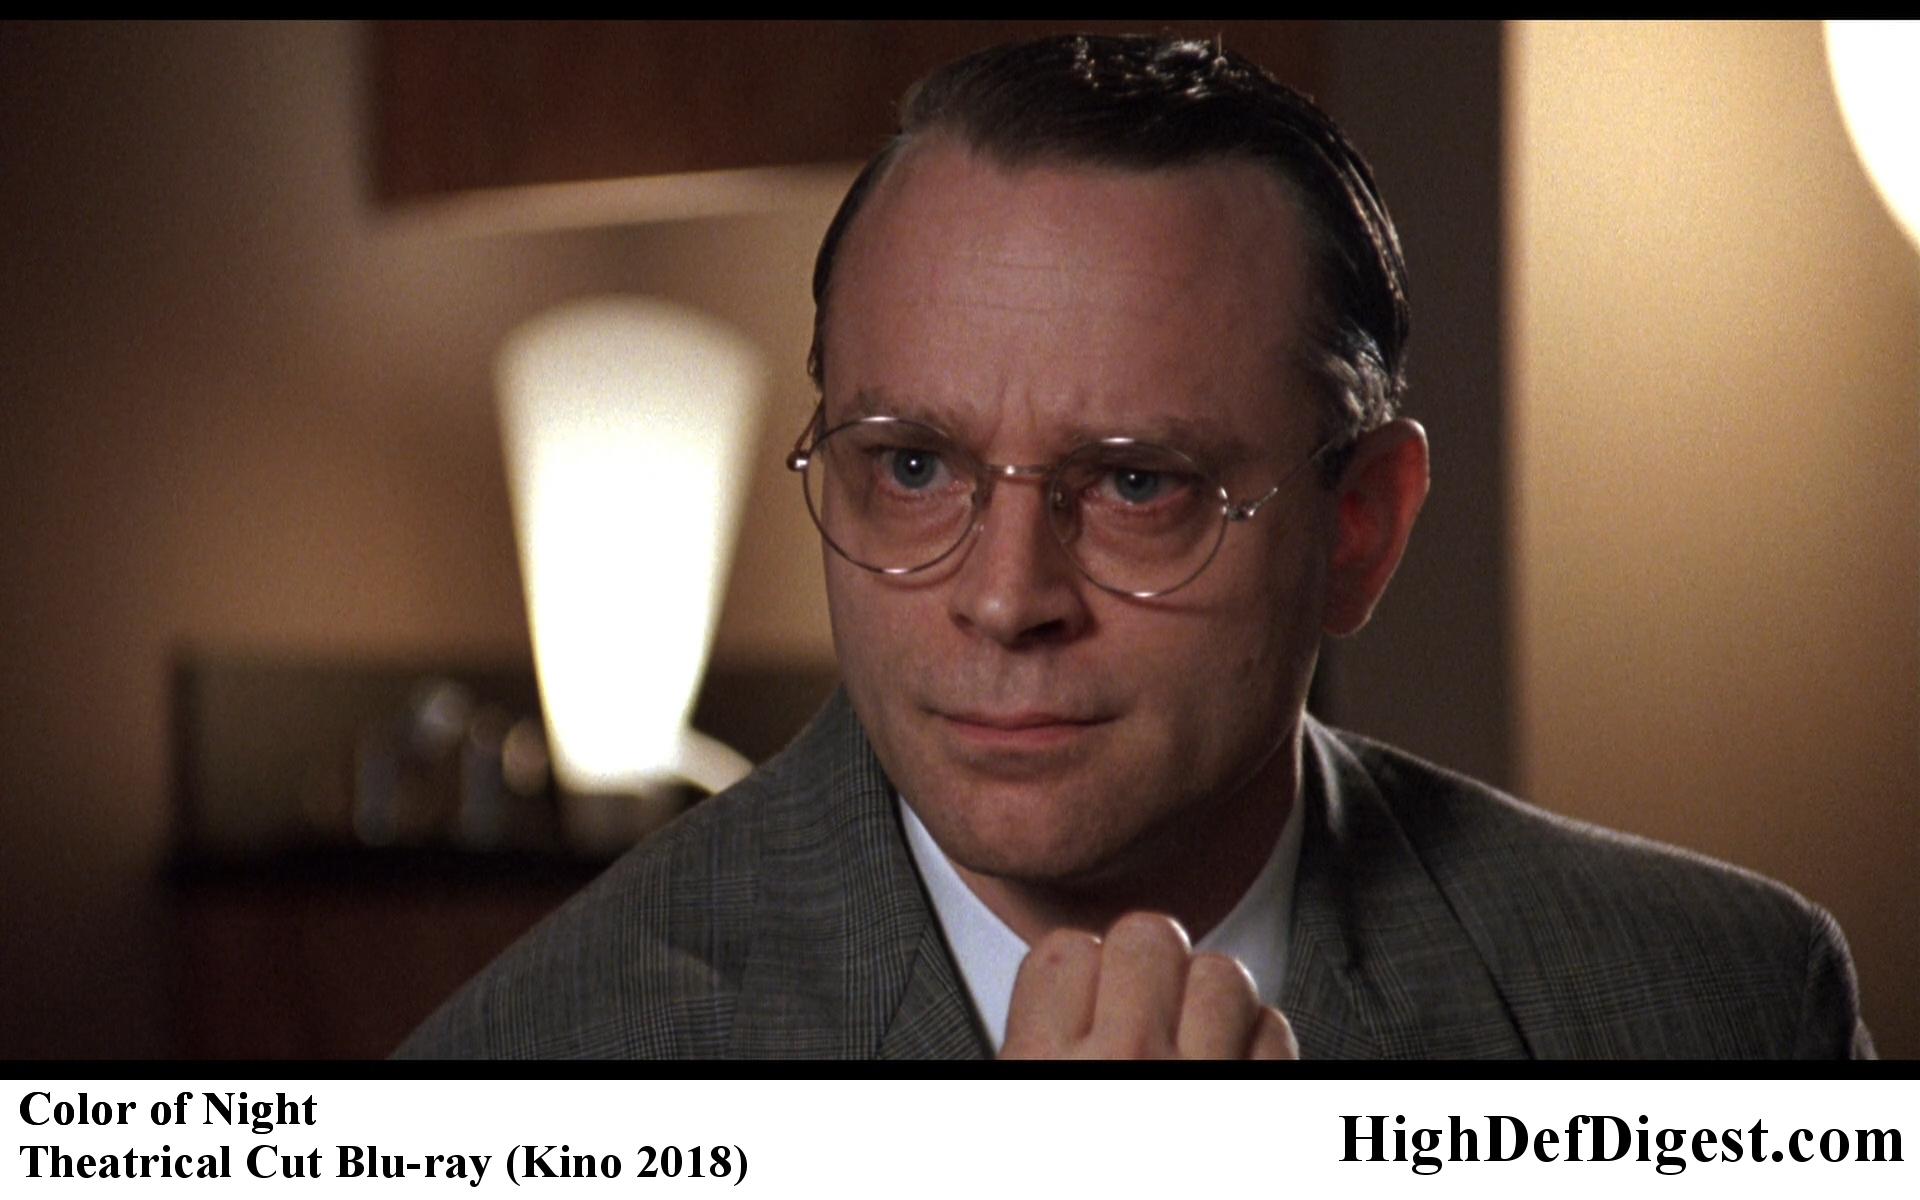 Color of Night Brad Dourif Comparison - Theatrical Cut